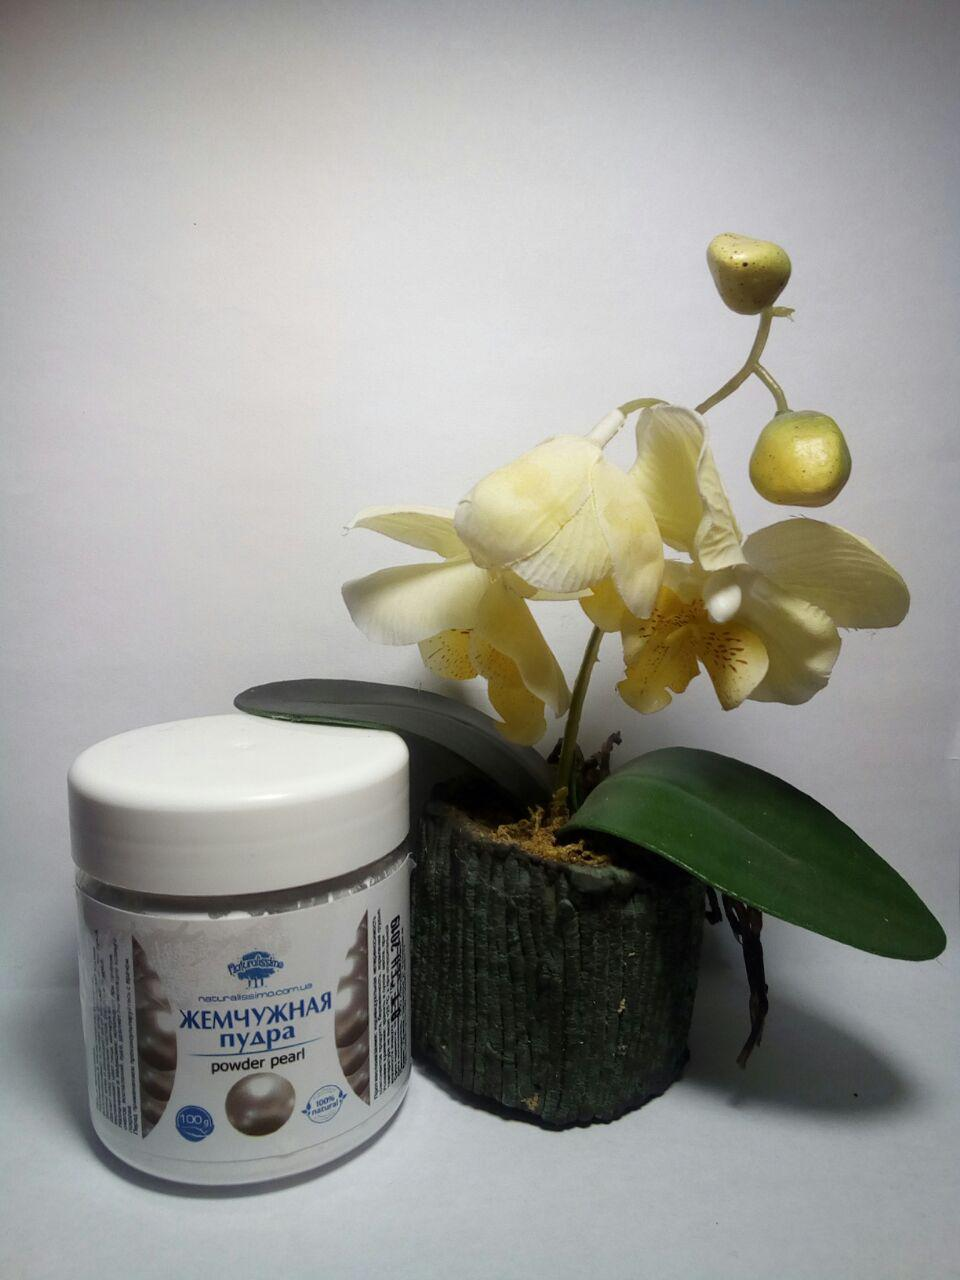 жемчужная пудра как косметическое средство для жирной кожи под макияж или дополнение в косметику